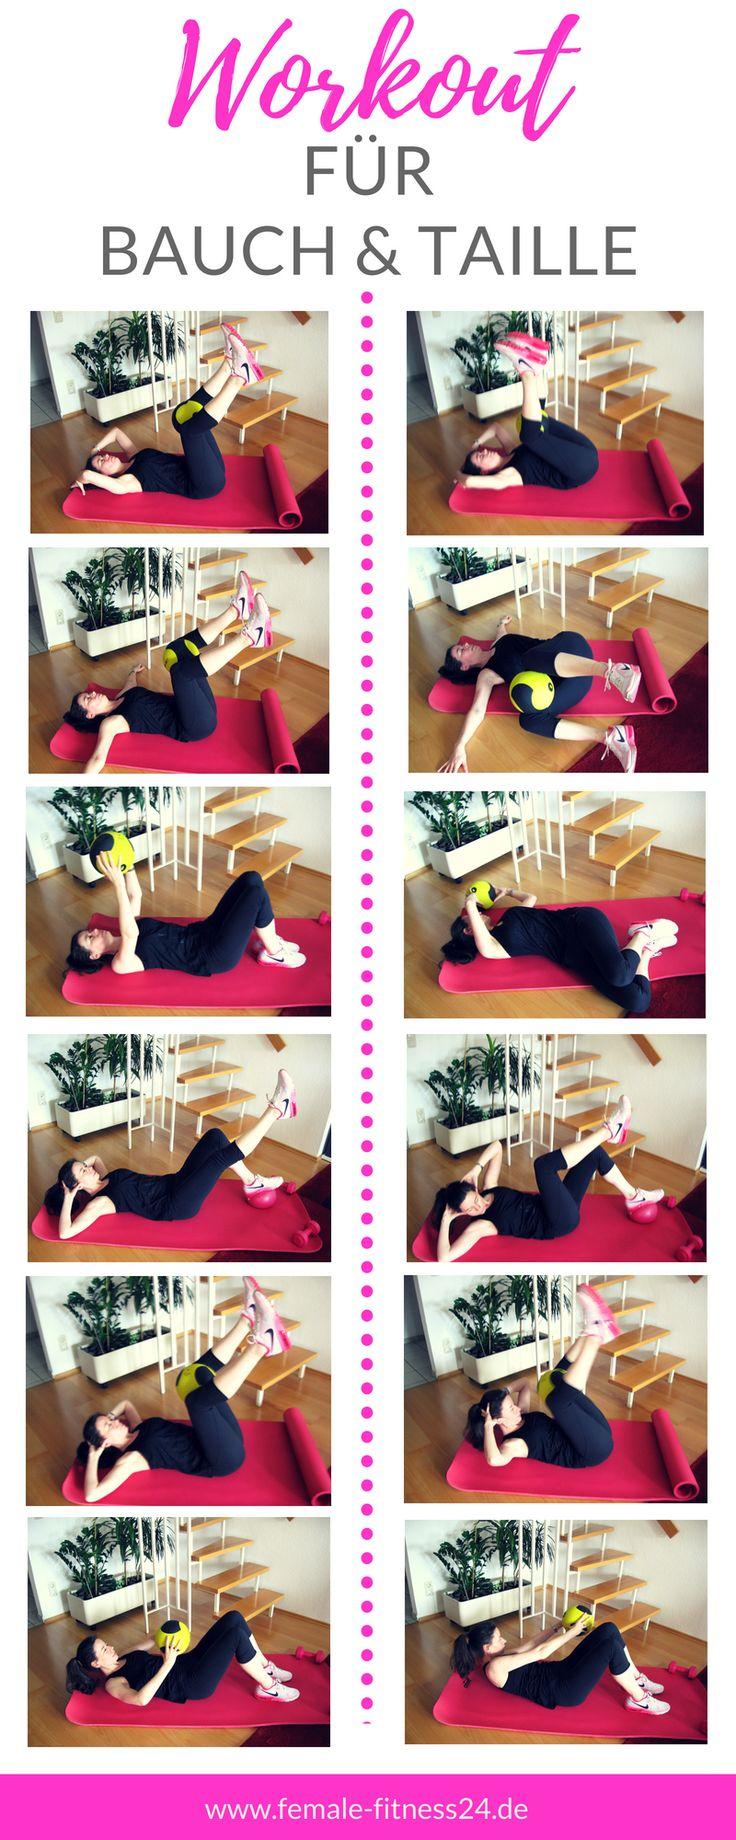 ▷ Workout für Bauch & Taille mit Hilfe eines Medizinballs bzw. Pilates-Ball